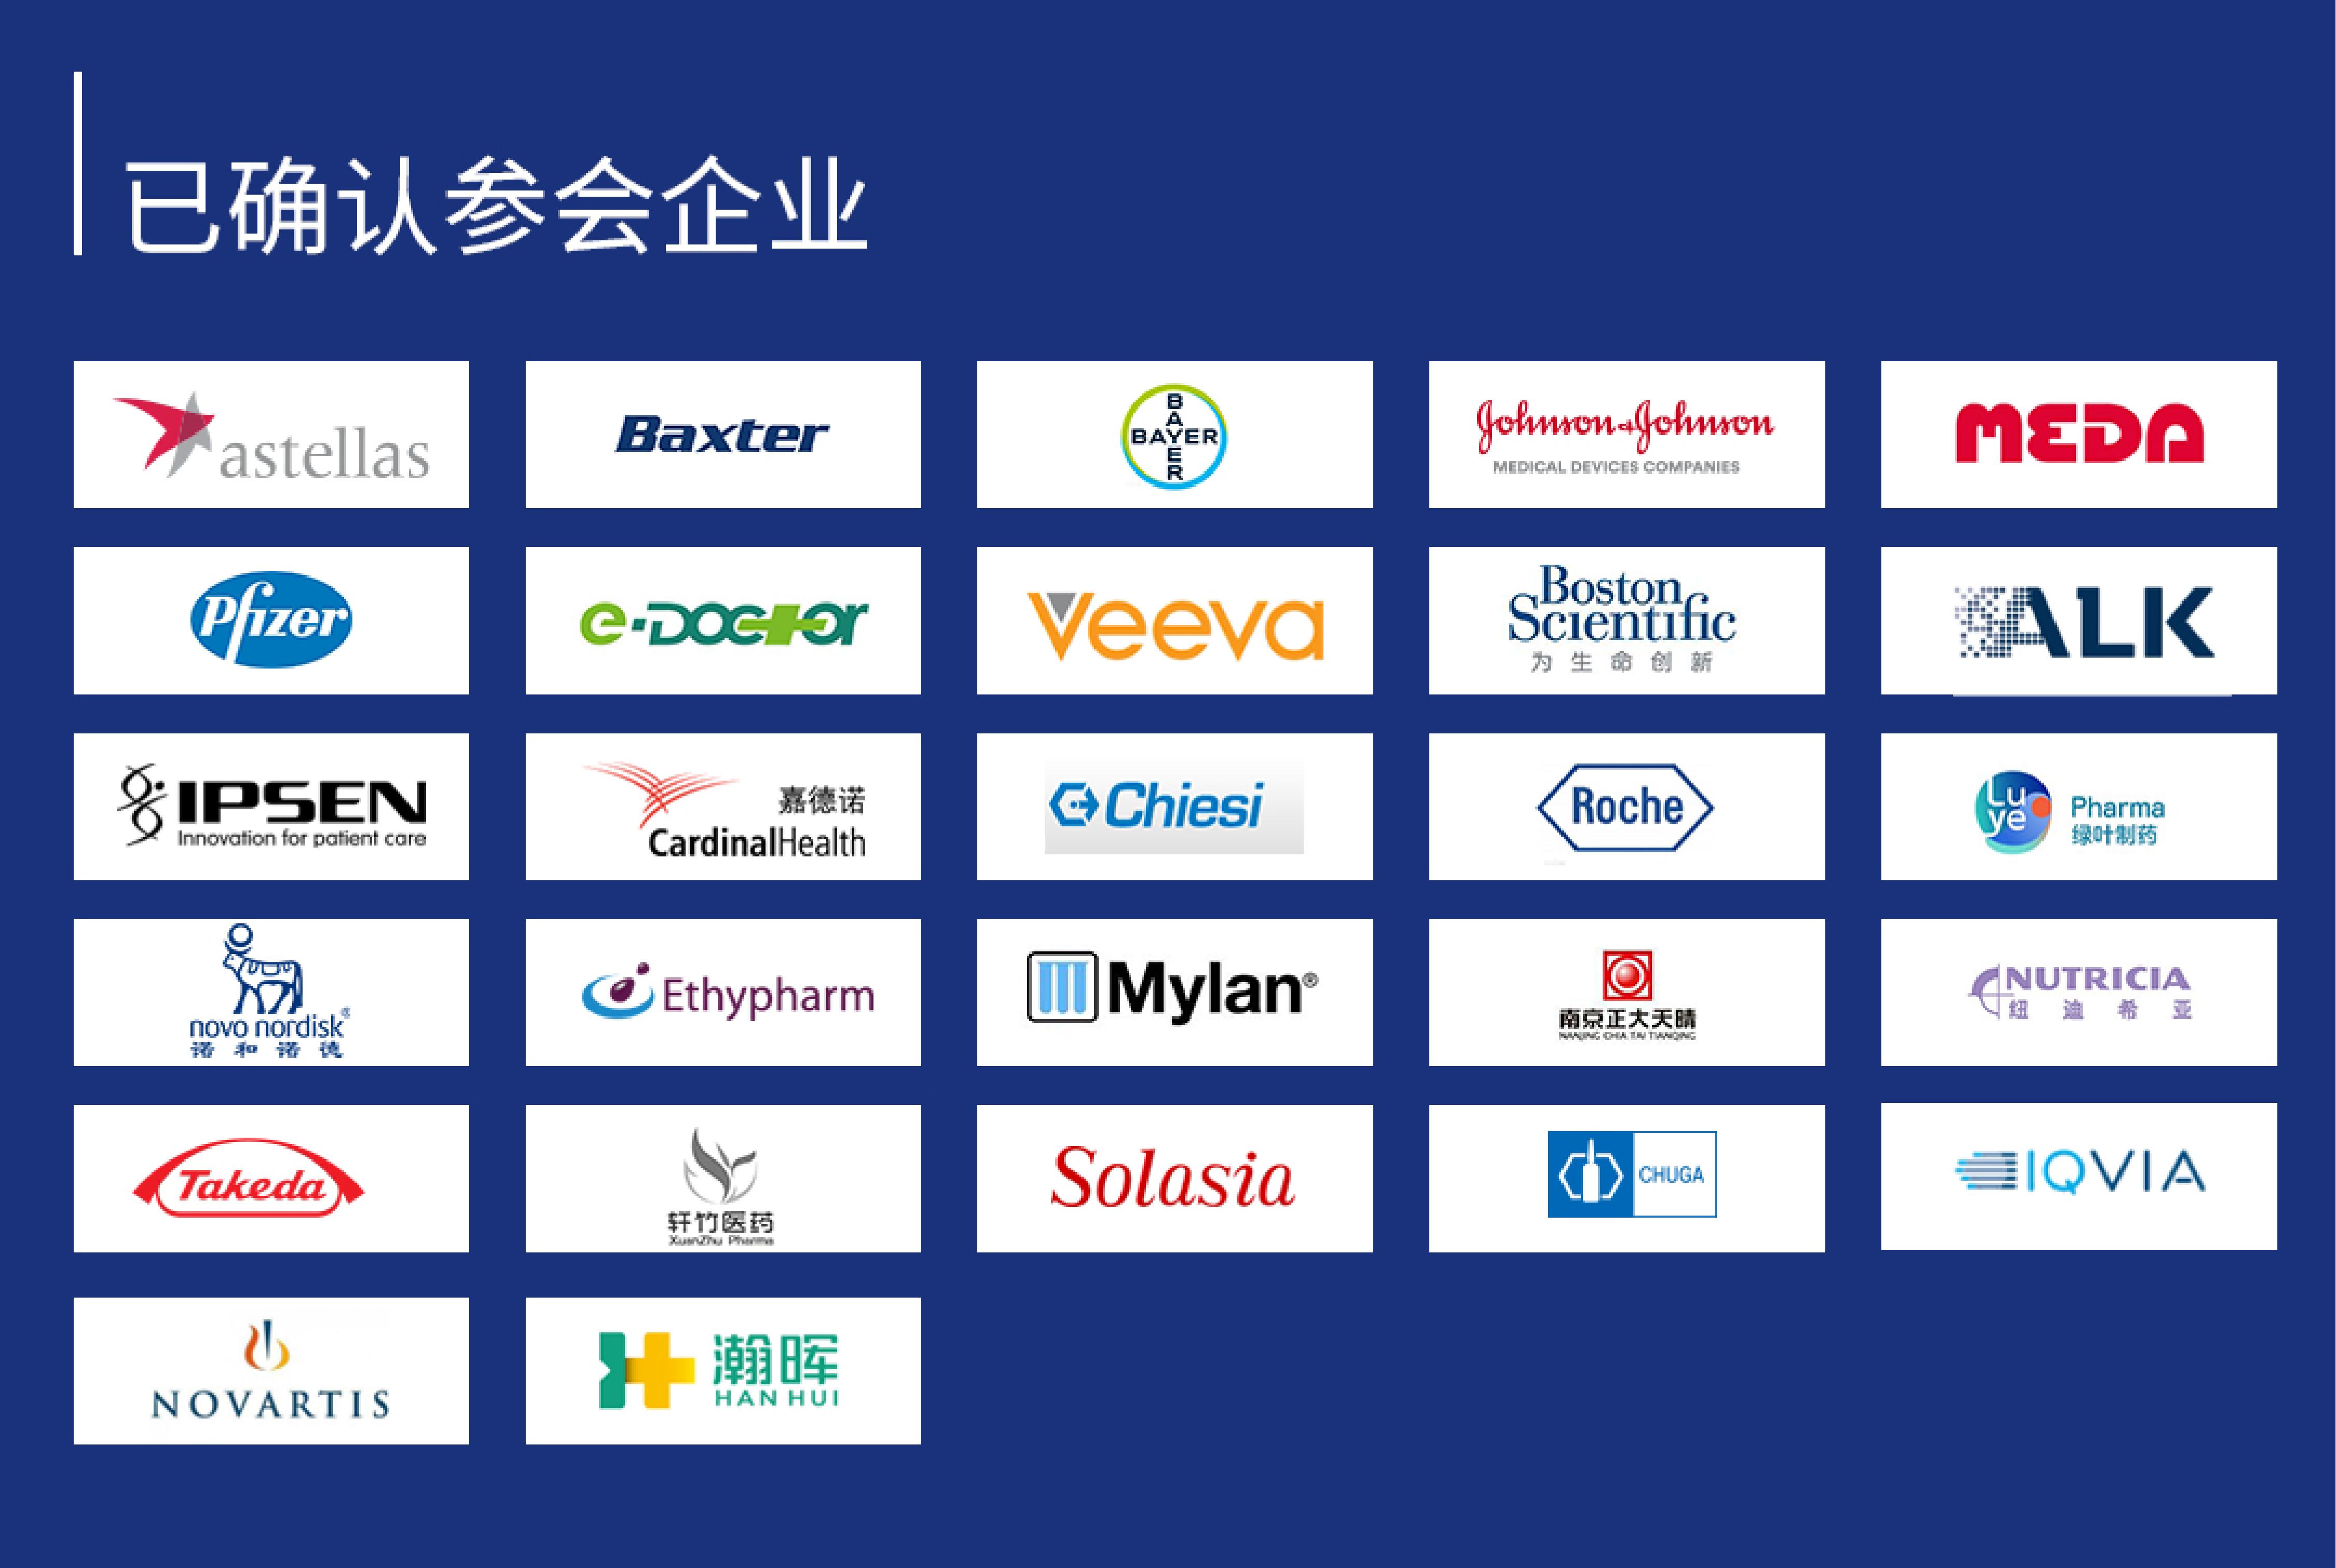 医药战略规划与产品组合管理峰会 一场领军医疗企业的高级领导人的交流盛会